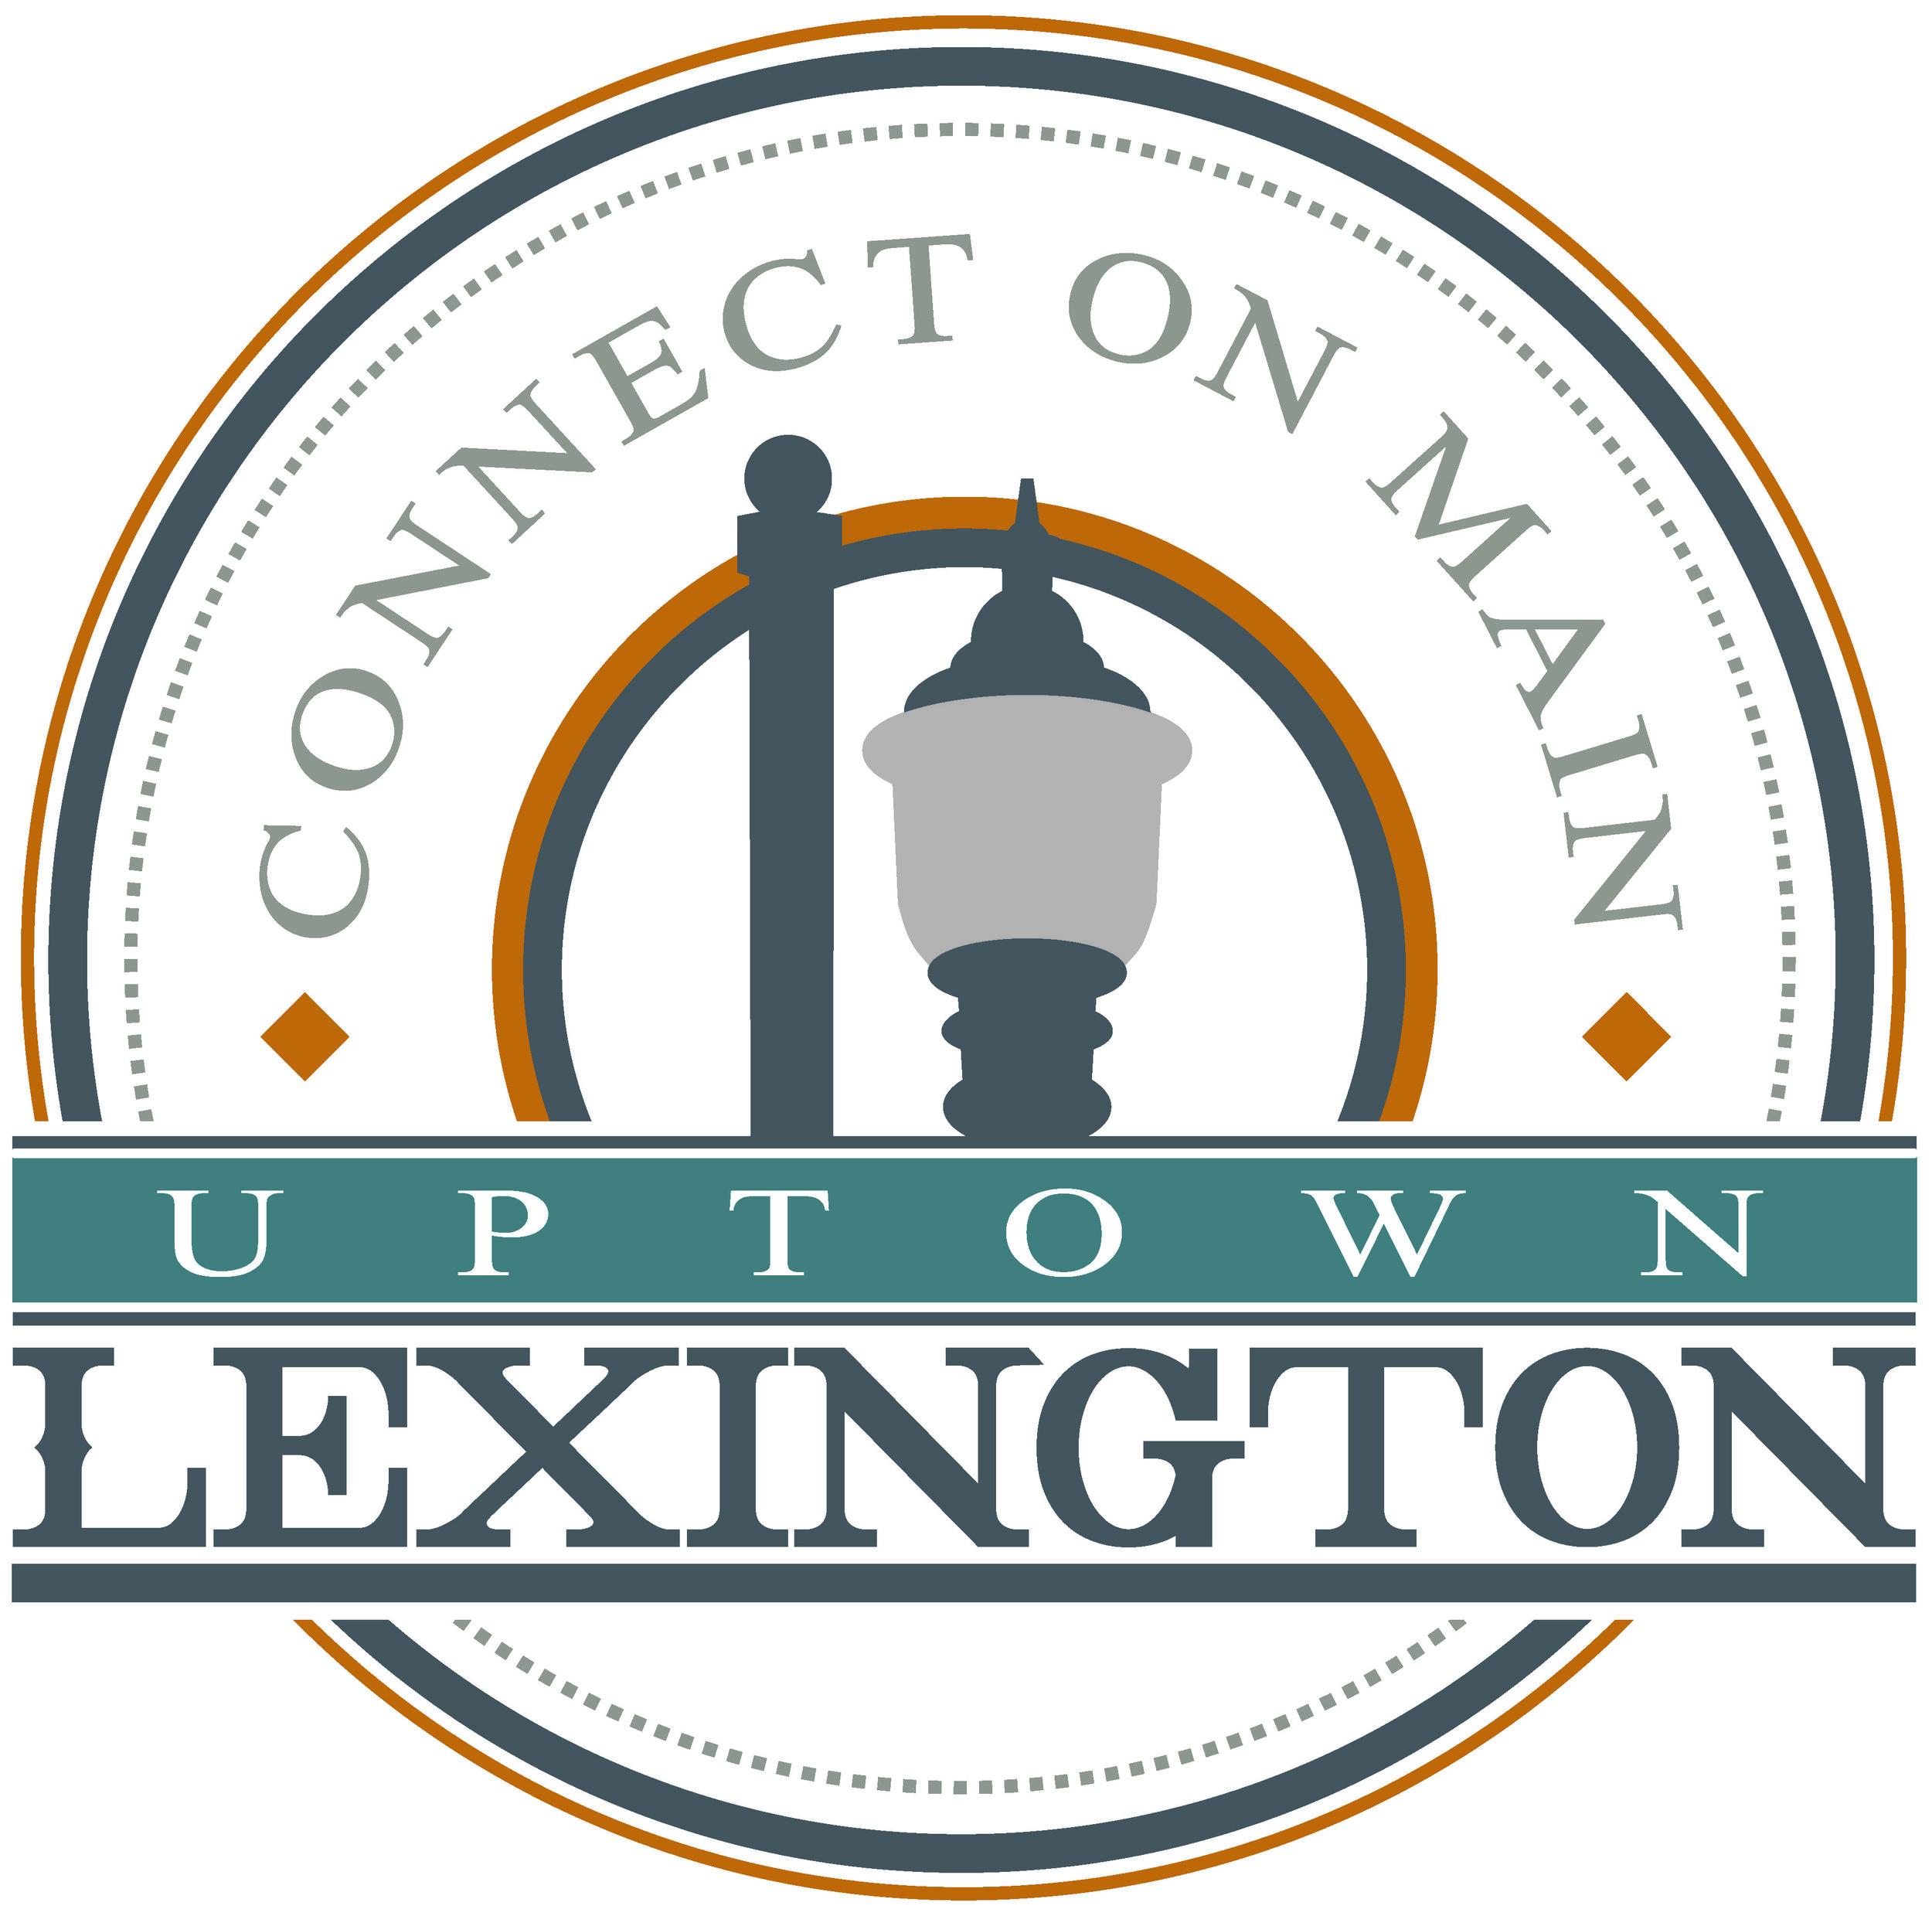 Uptown Lexington CMYK-Box.jpg